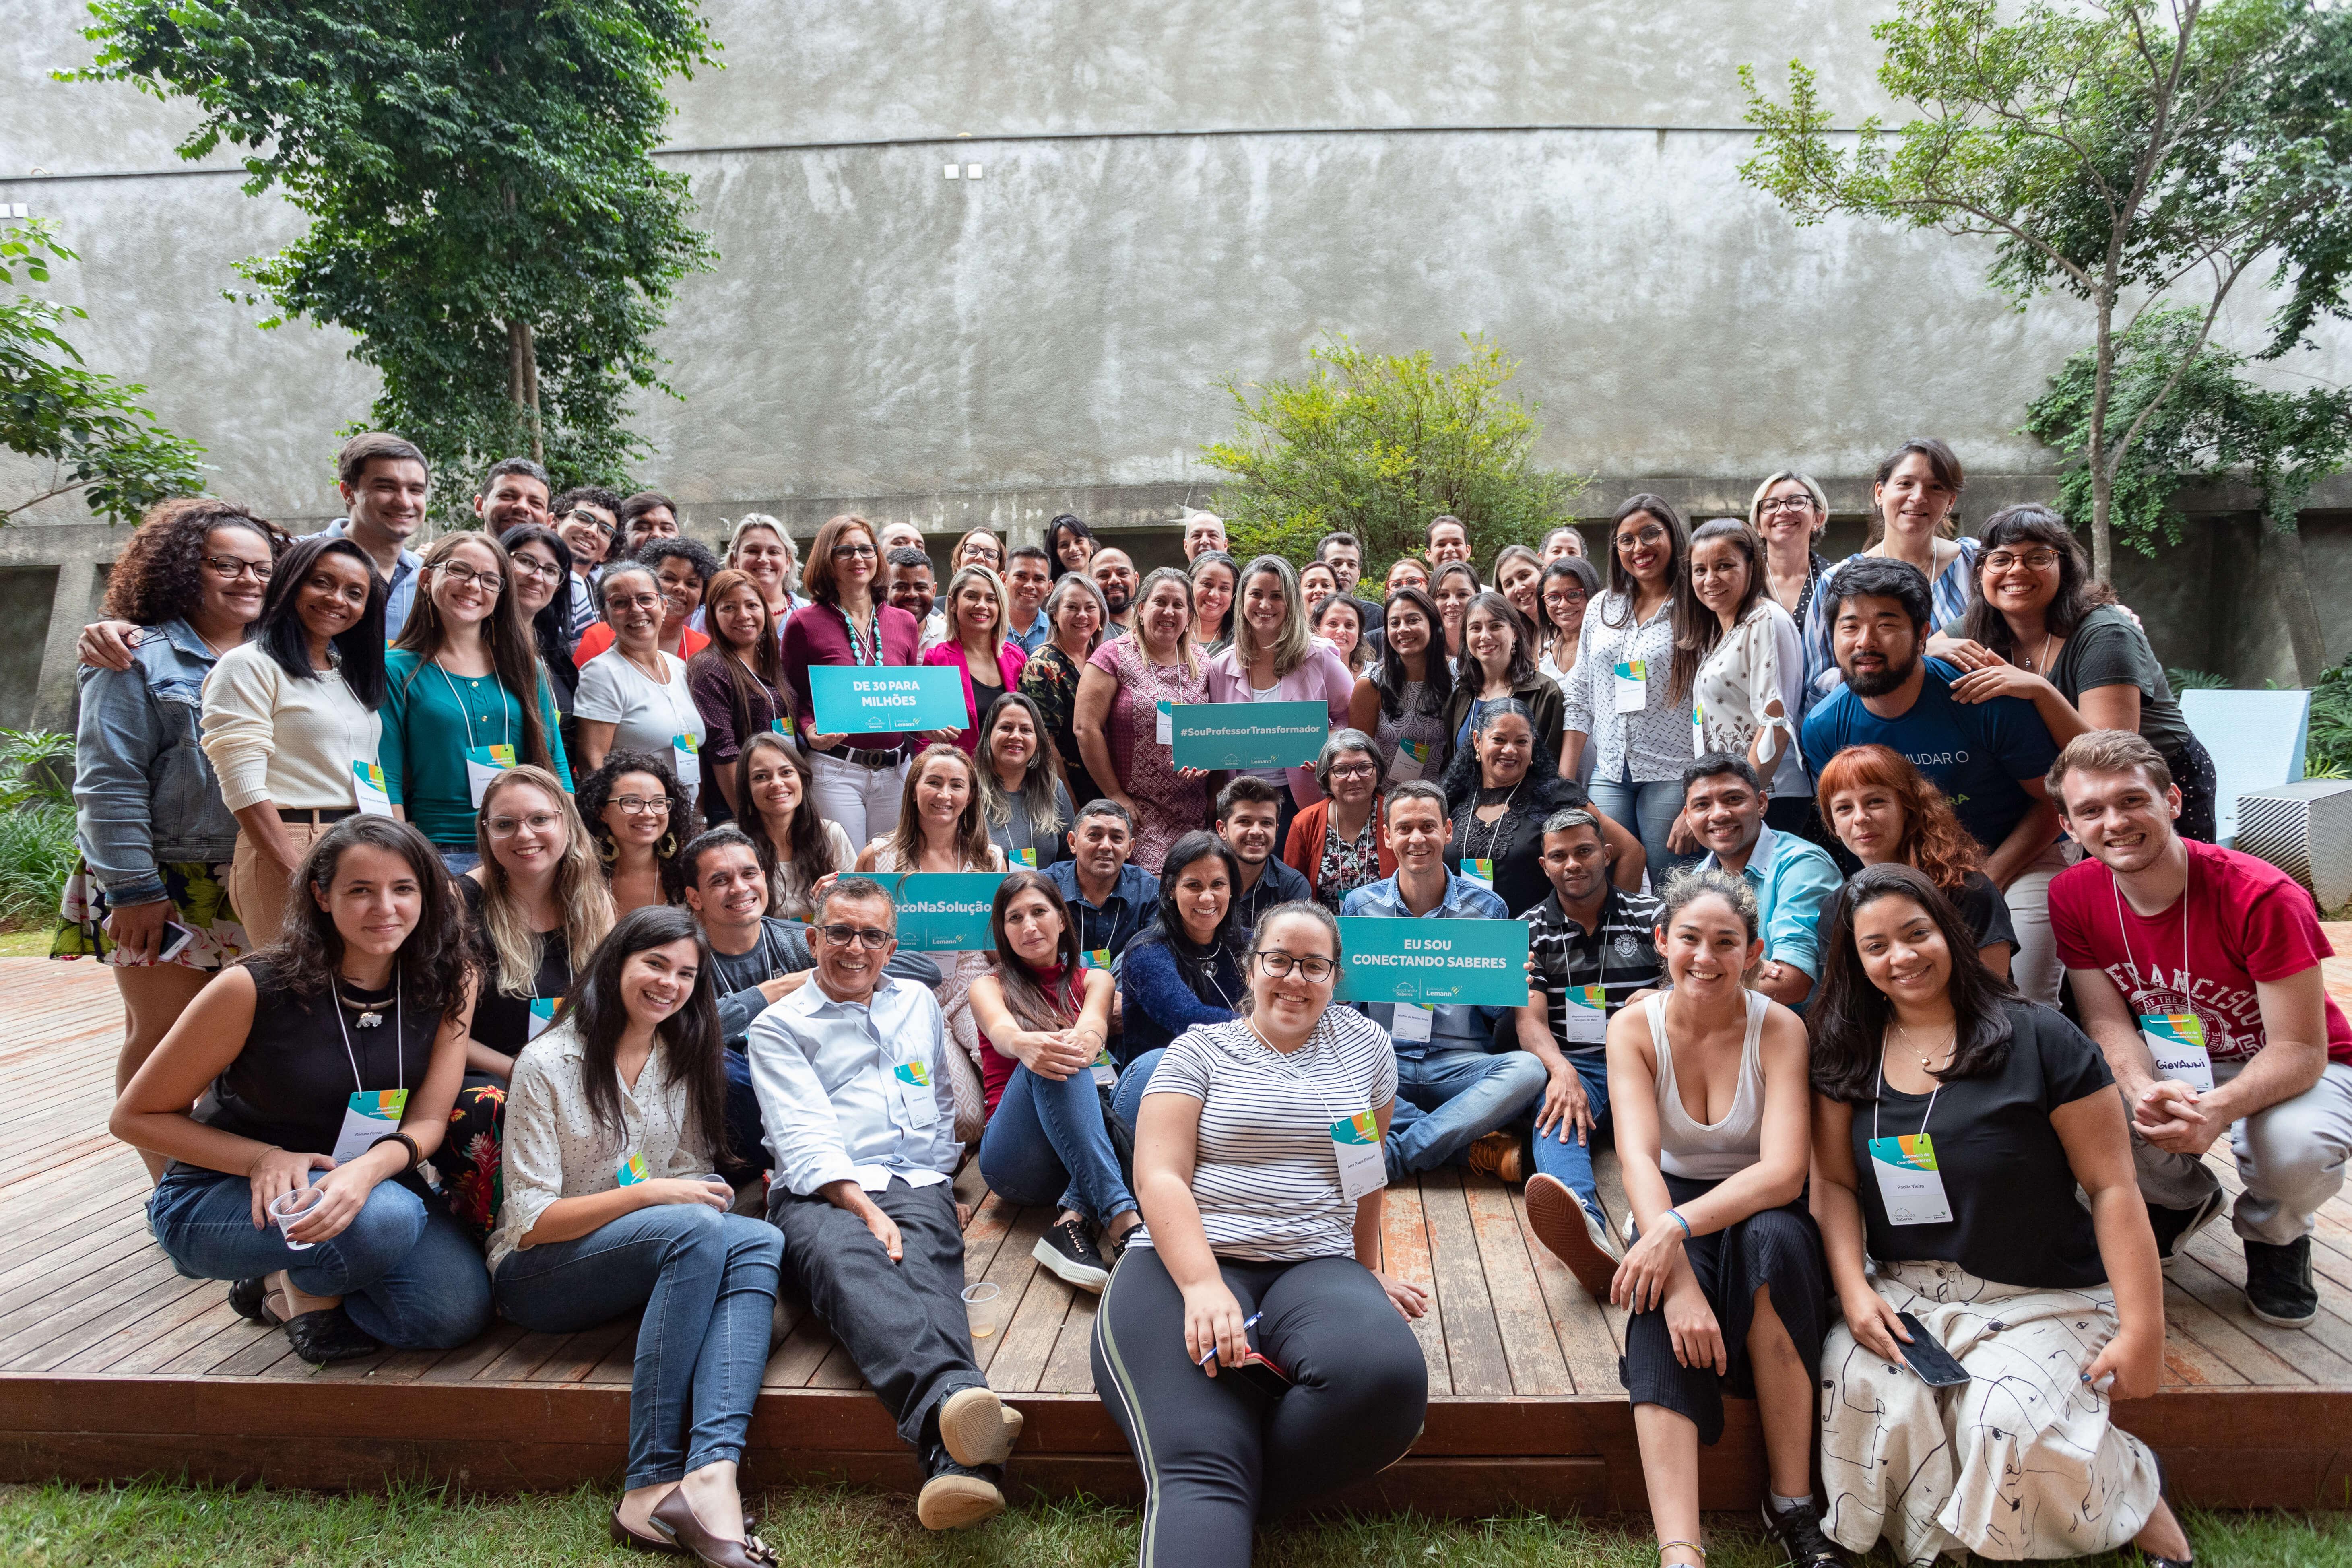 Imagem com coordenadores e pessoas da equipe da Fundação Lemann reunidas em evento da rede Conectando Saberes